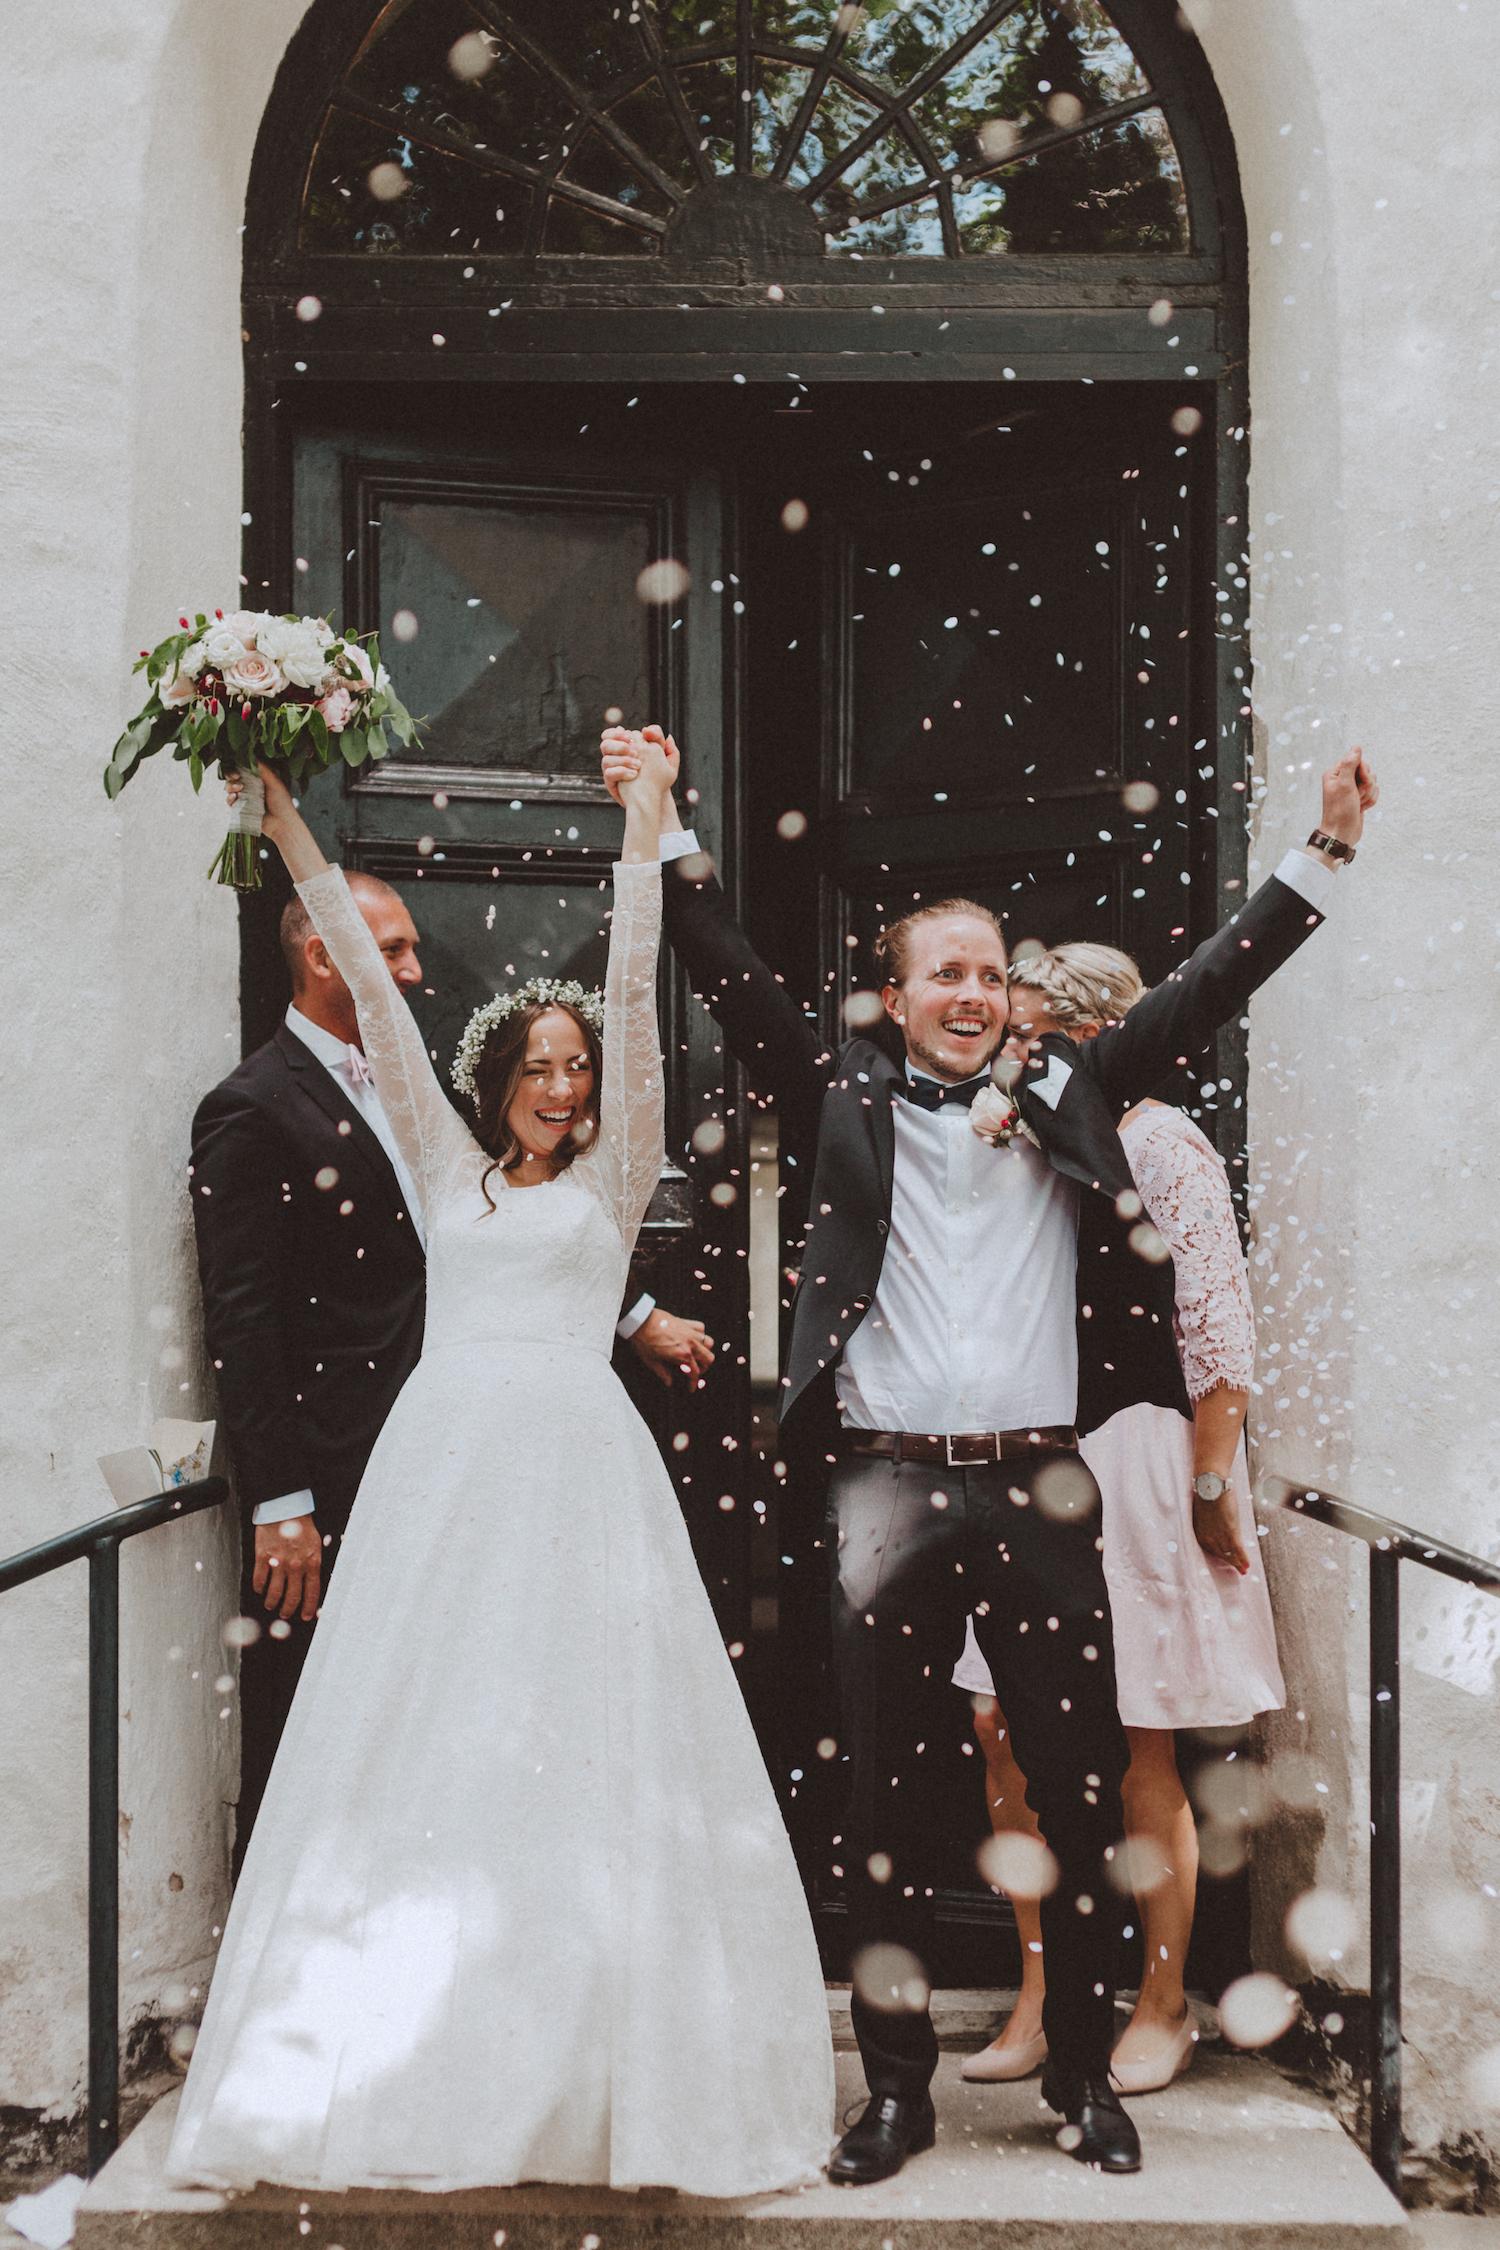 Bröllop + kyrklig vigsel + kasta ris